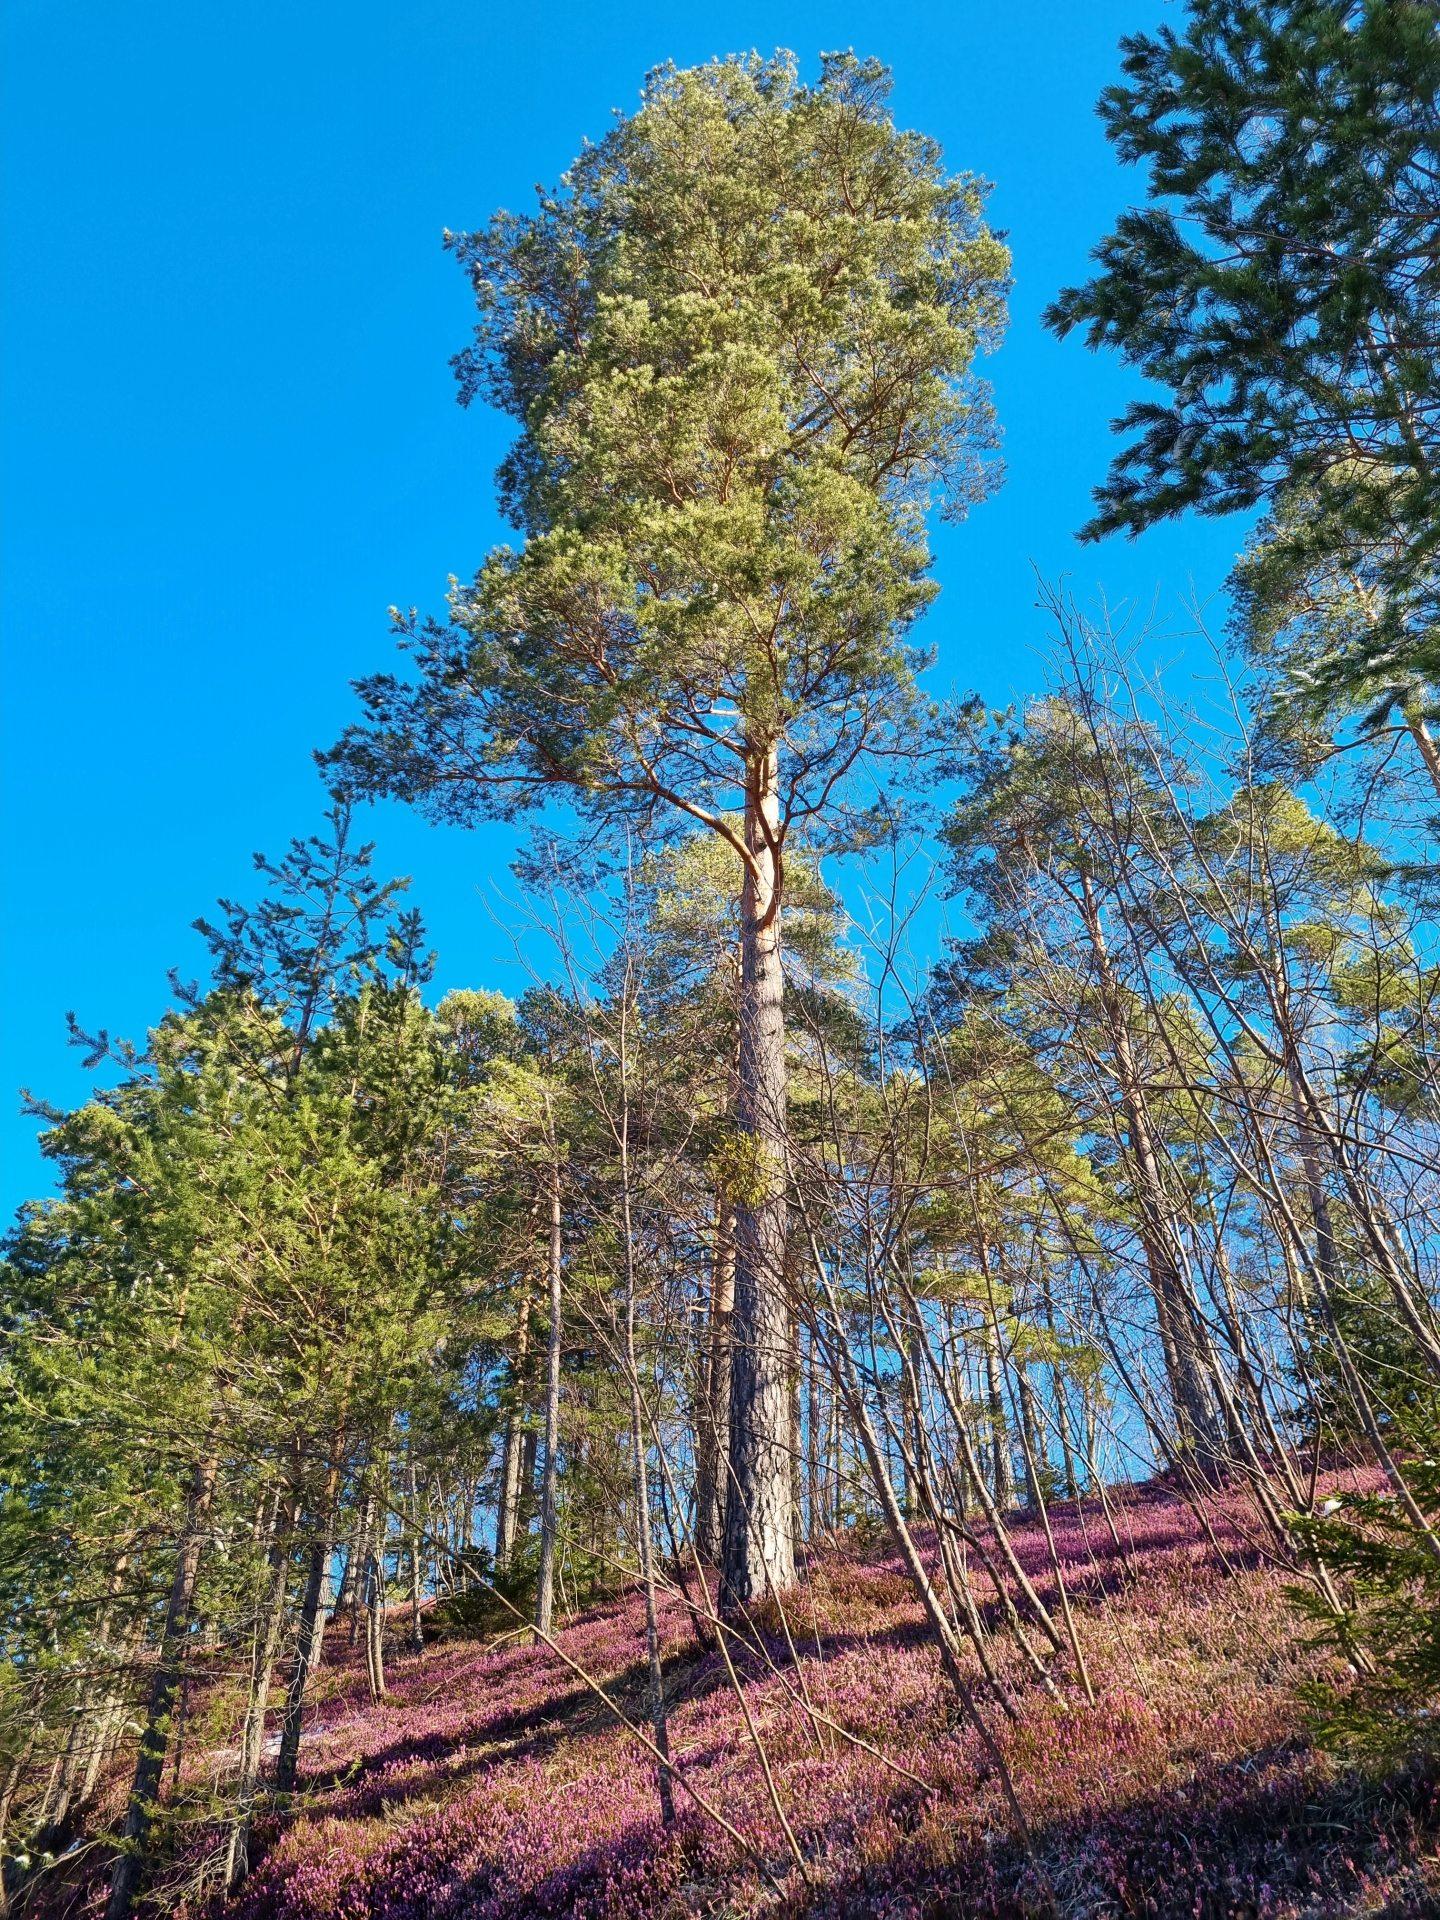 Die Natur hat bereits ihren rosa Teppich für uns ausgerollt - Erika in zeitiger Vollblüte! - Bäume, Erica, Natur, Pflanzen, Ramsau, Unterberg - (Adamsthal, Kieneck, Niederösterreich, Österreich)